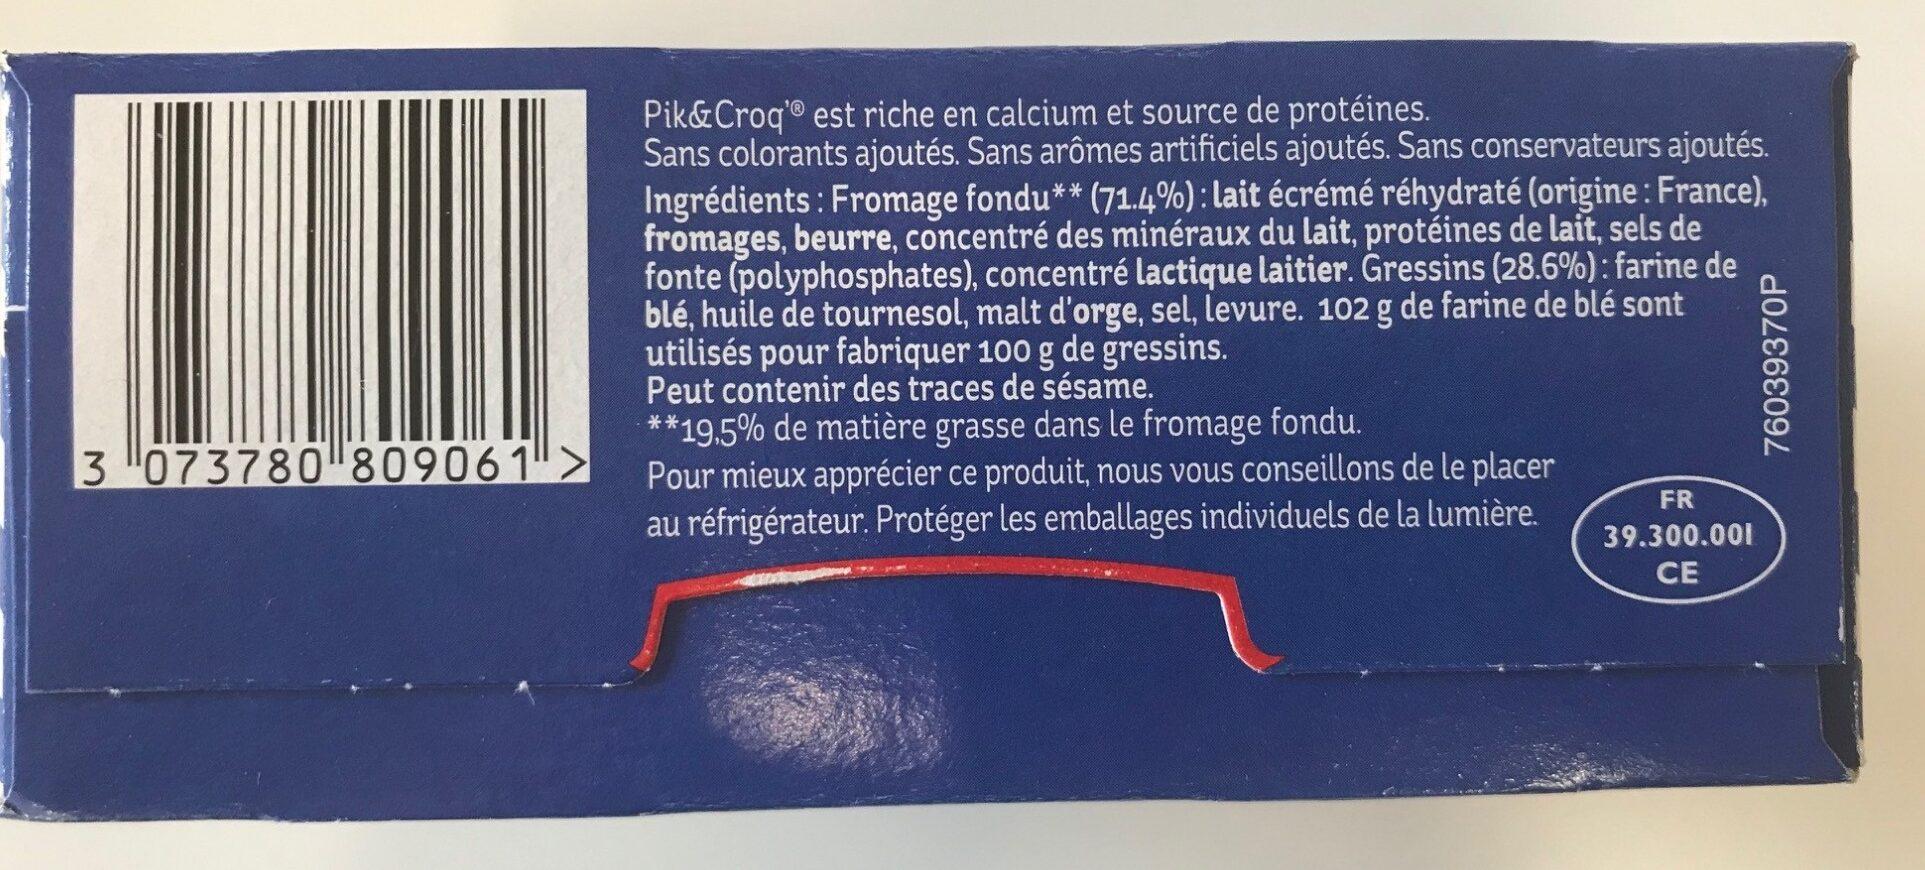 Pik&Croq nature 5B - Ingredients - fr